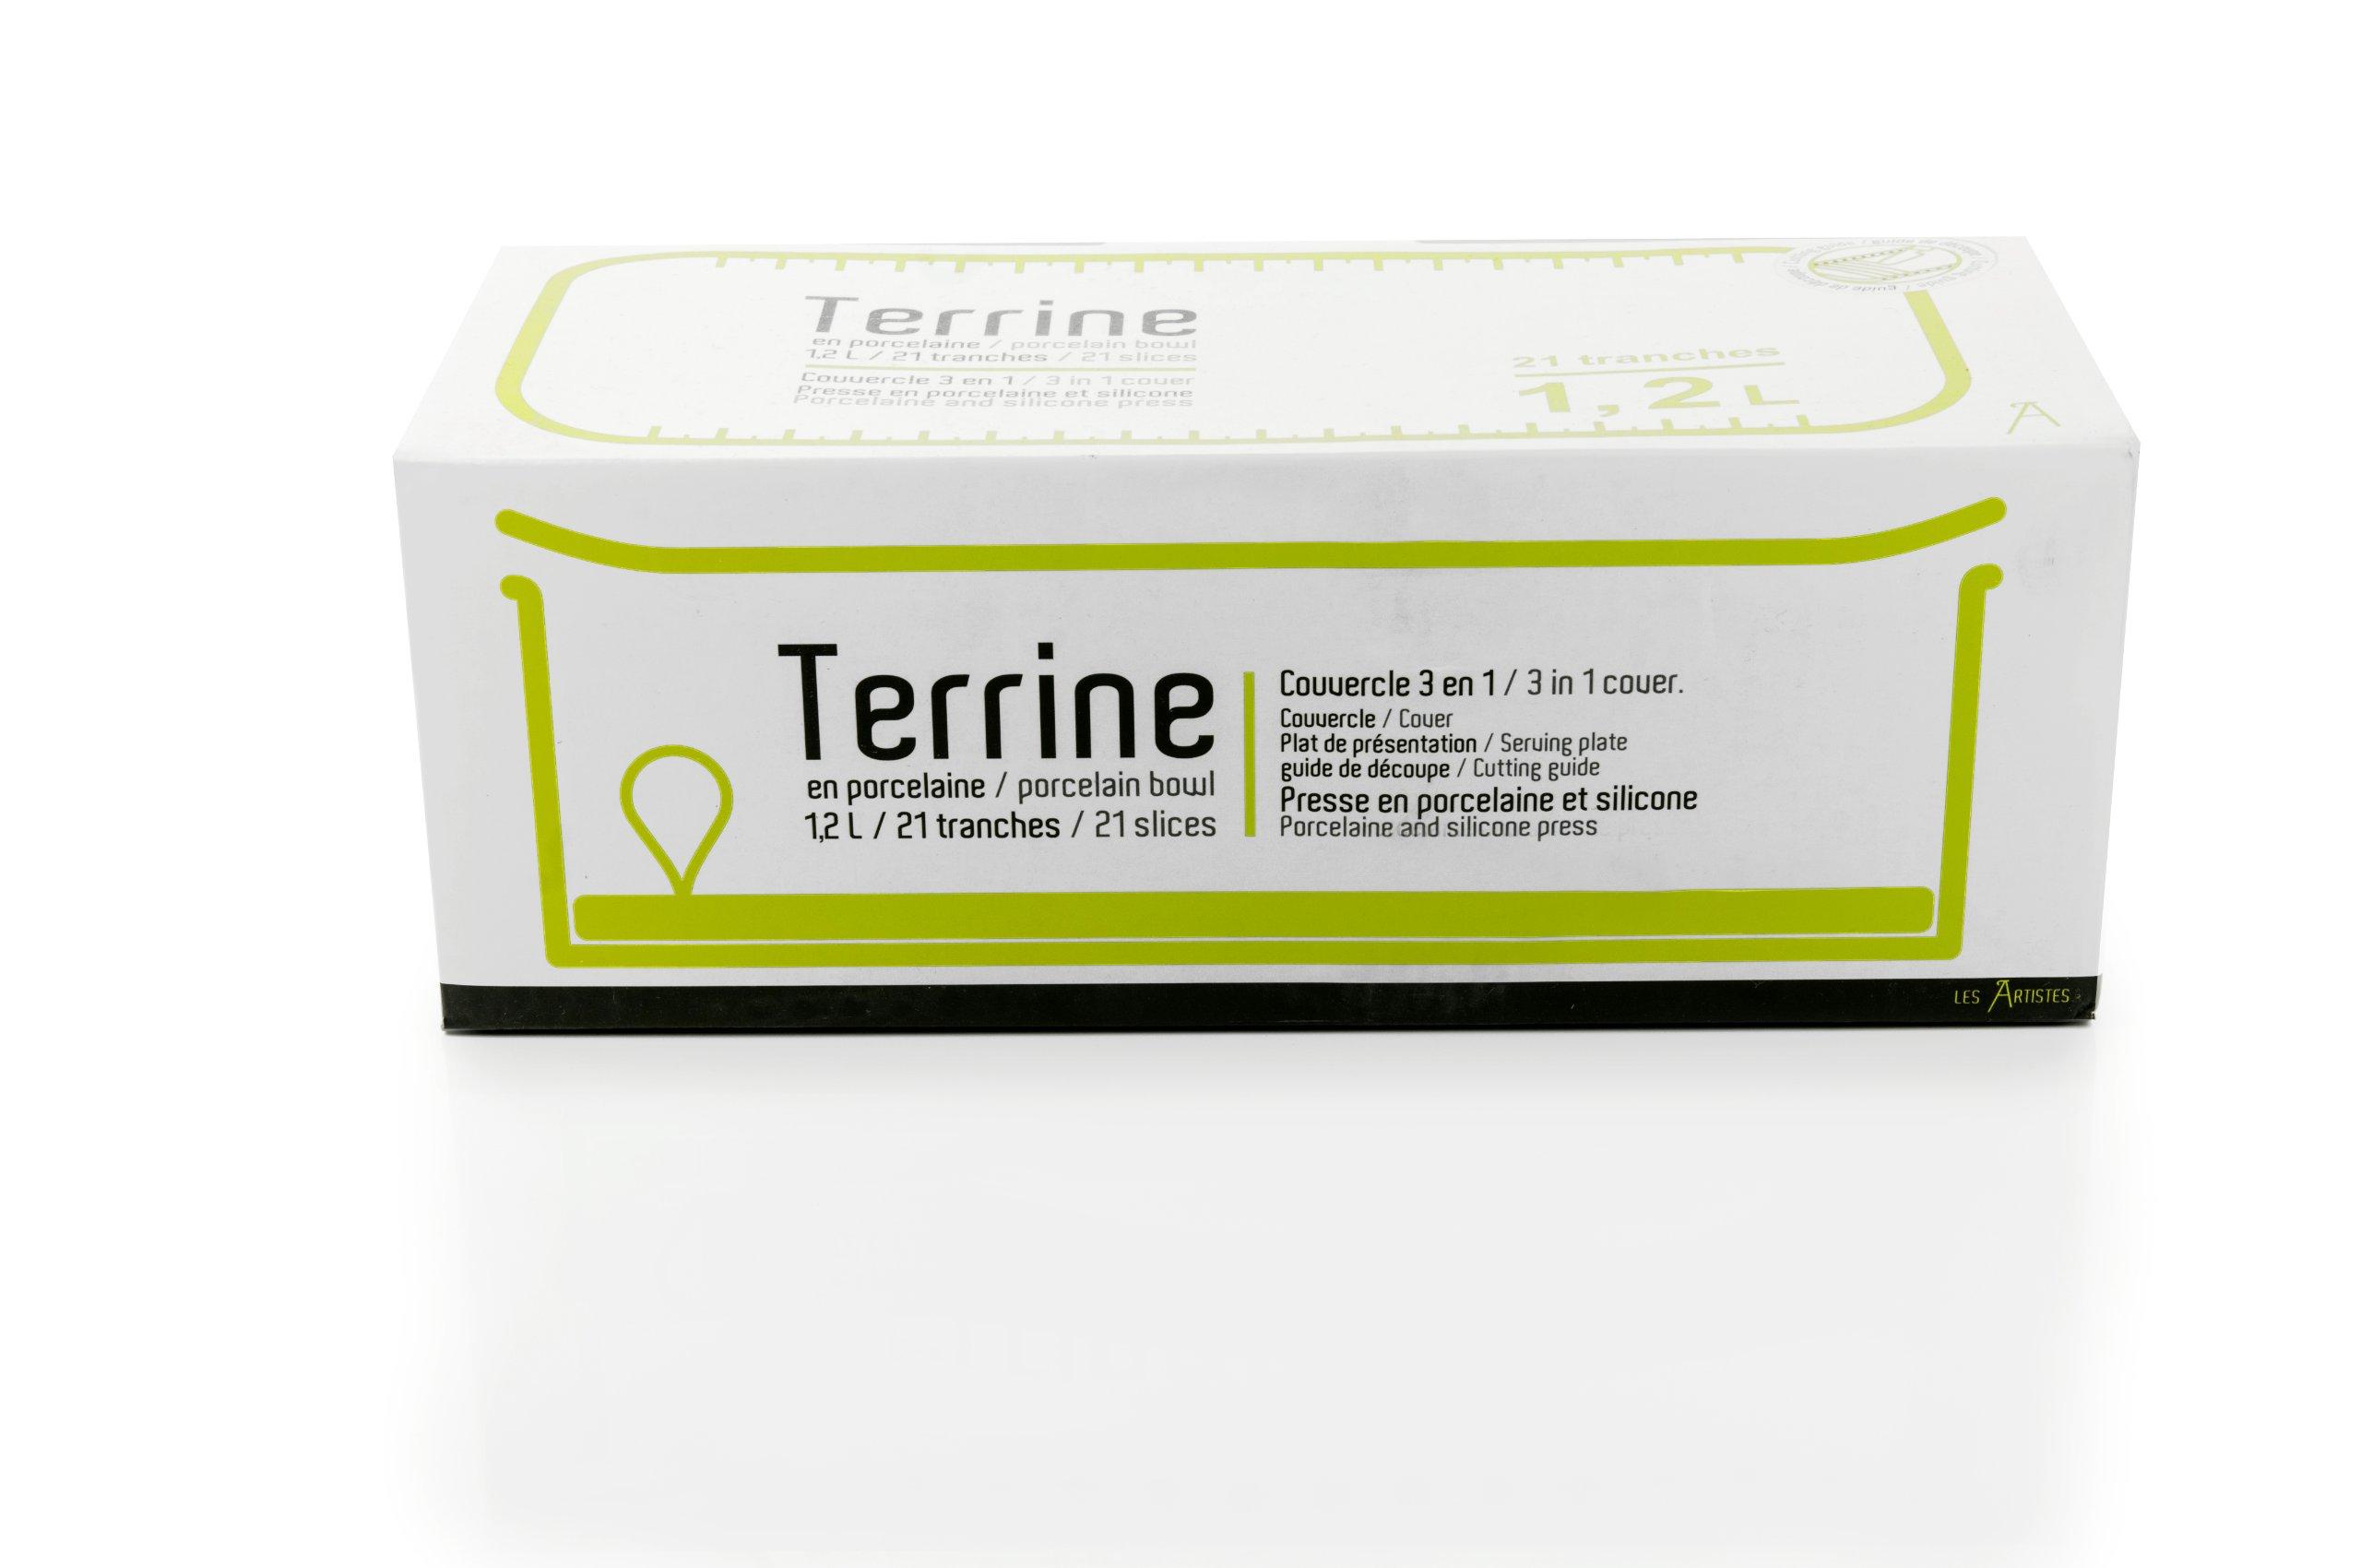 Les Artistes - Paris Terrine Box with Lid and Press 1.5L by by Les Artistes - Paris (Image #1)